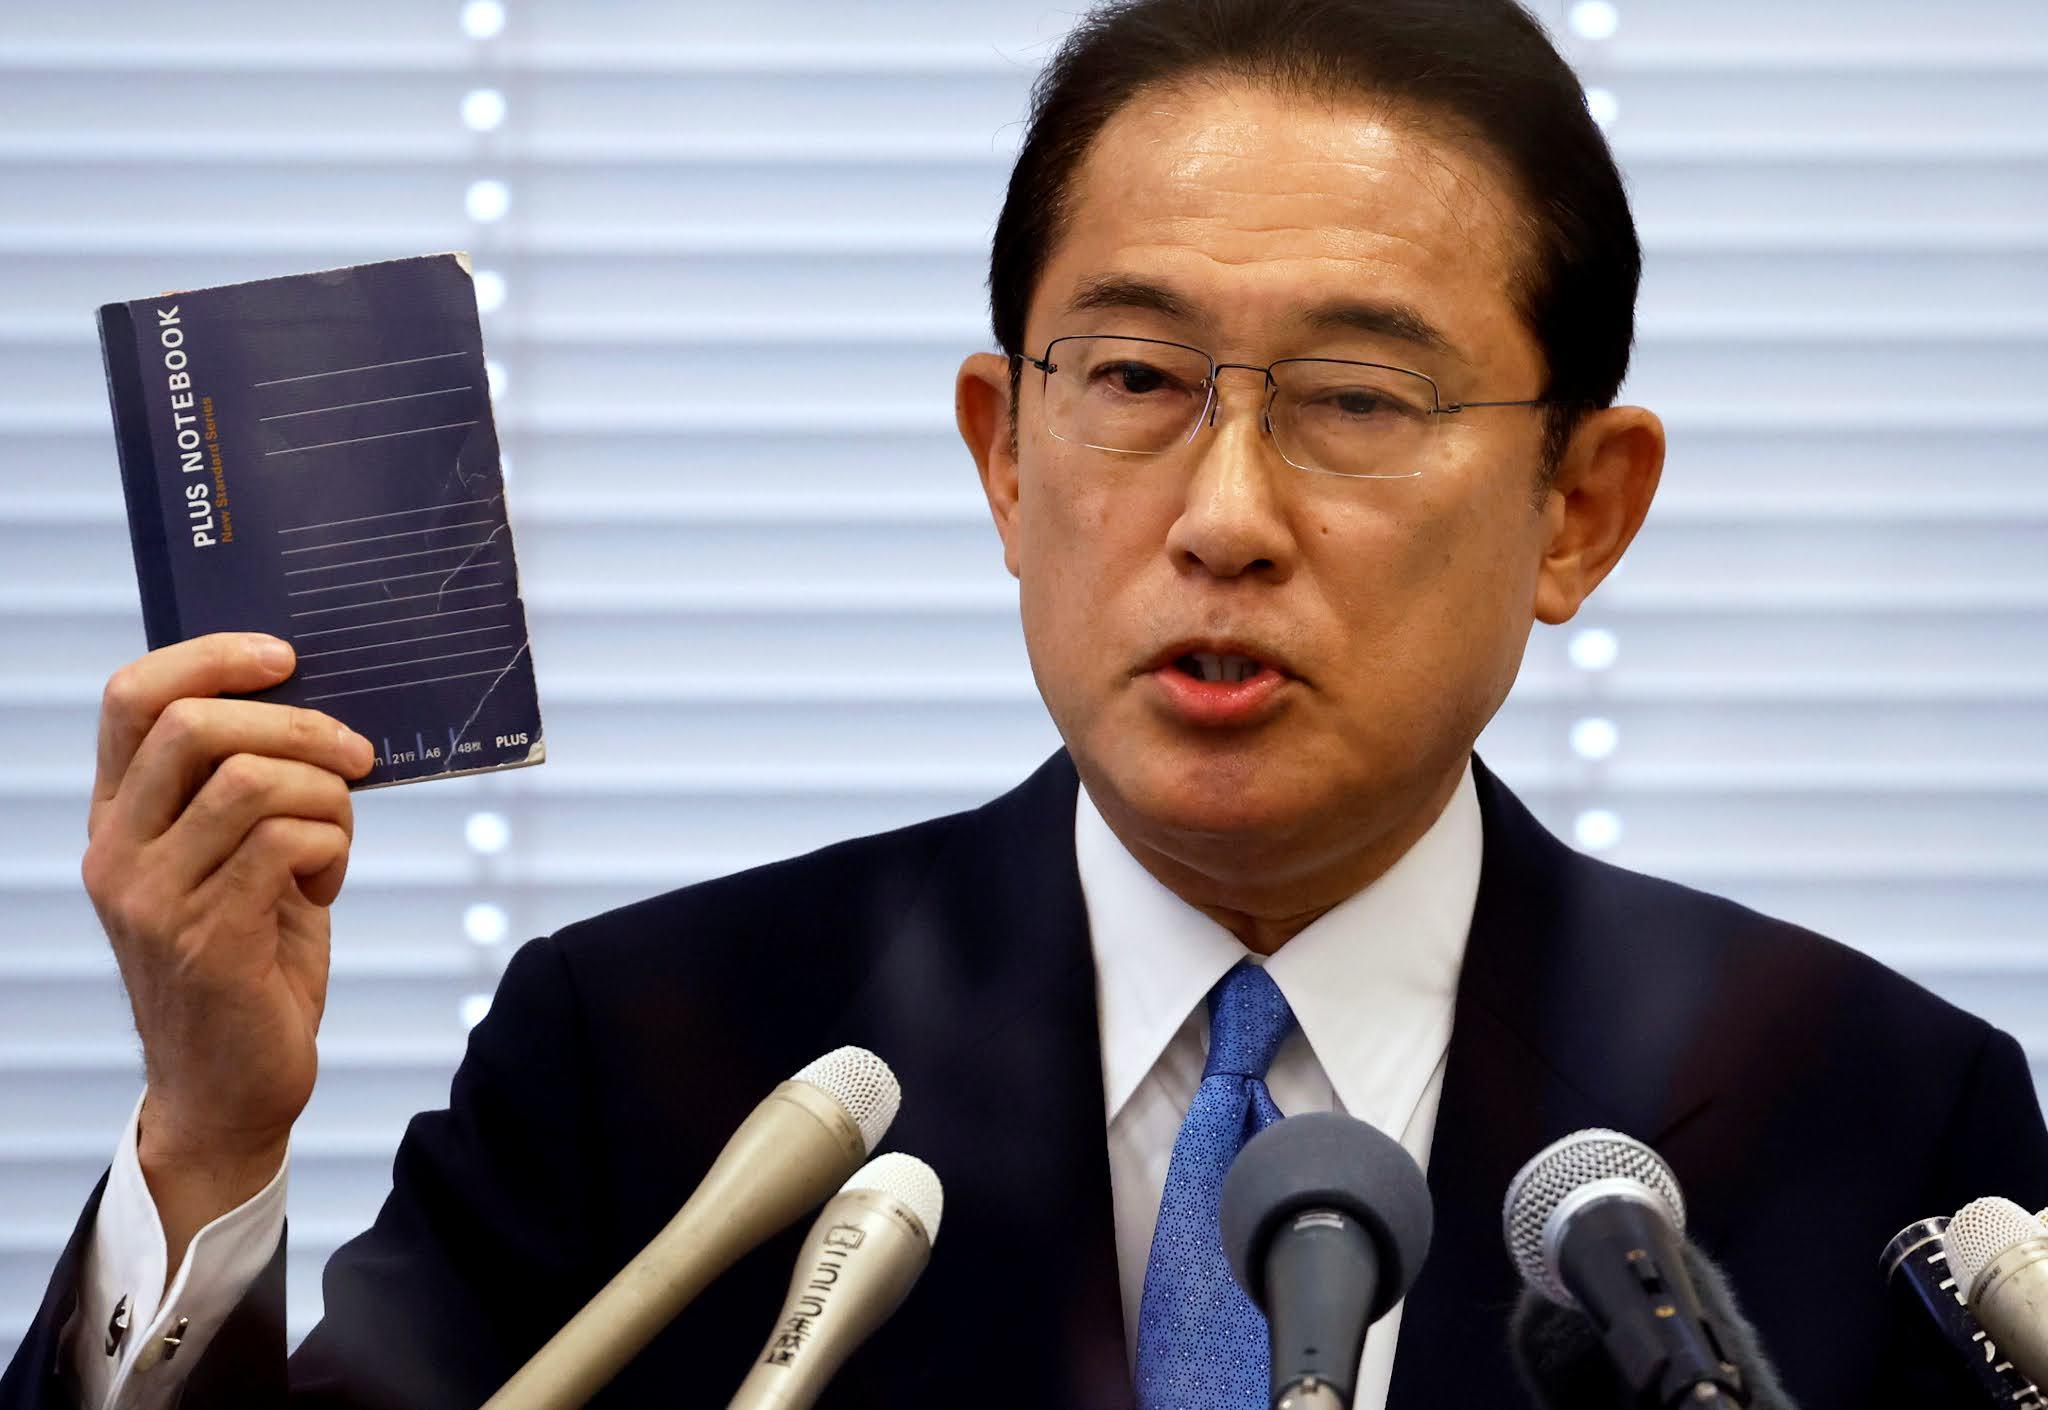 Fumio Kishida Sarankan Pemerintah Gelontorkan 30 Triliun Yen untuk Mengurangi Dampak Pandemi